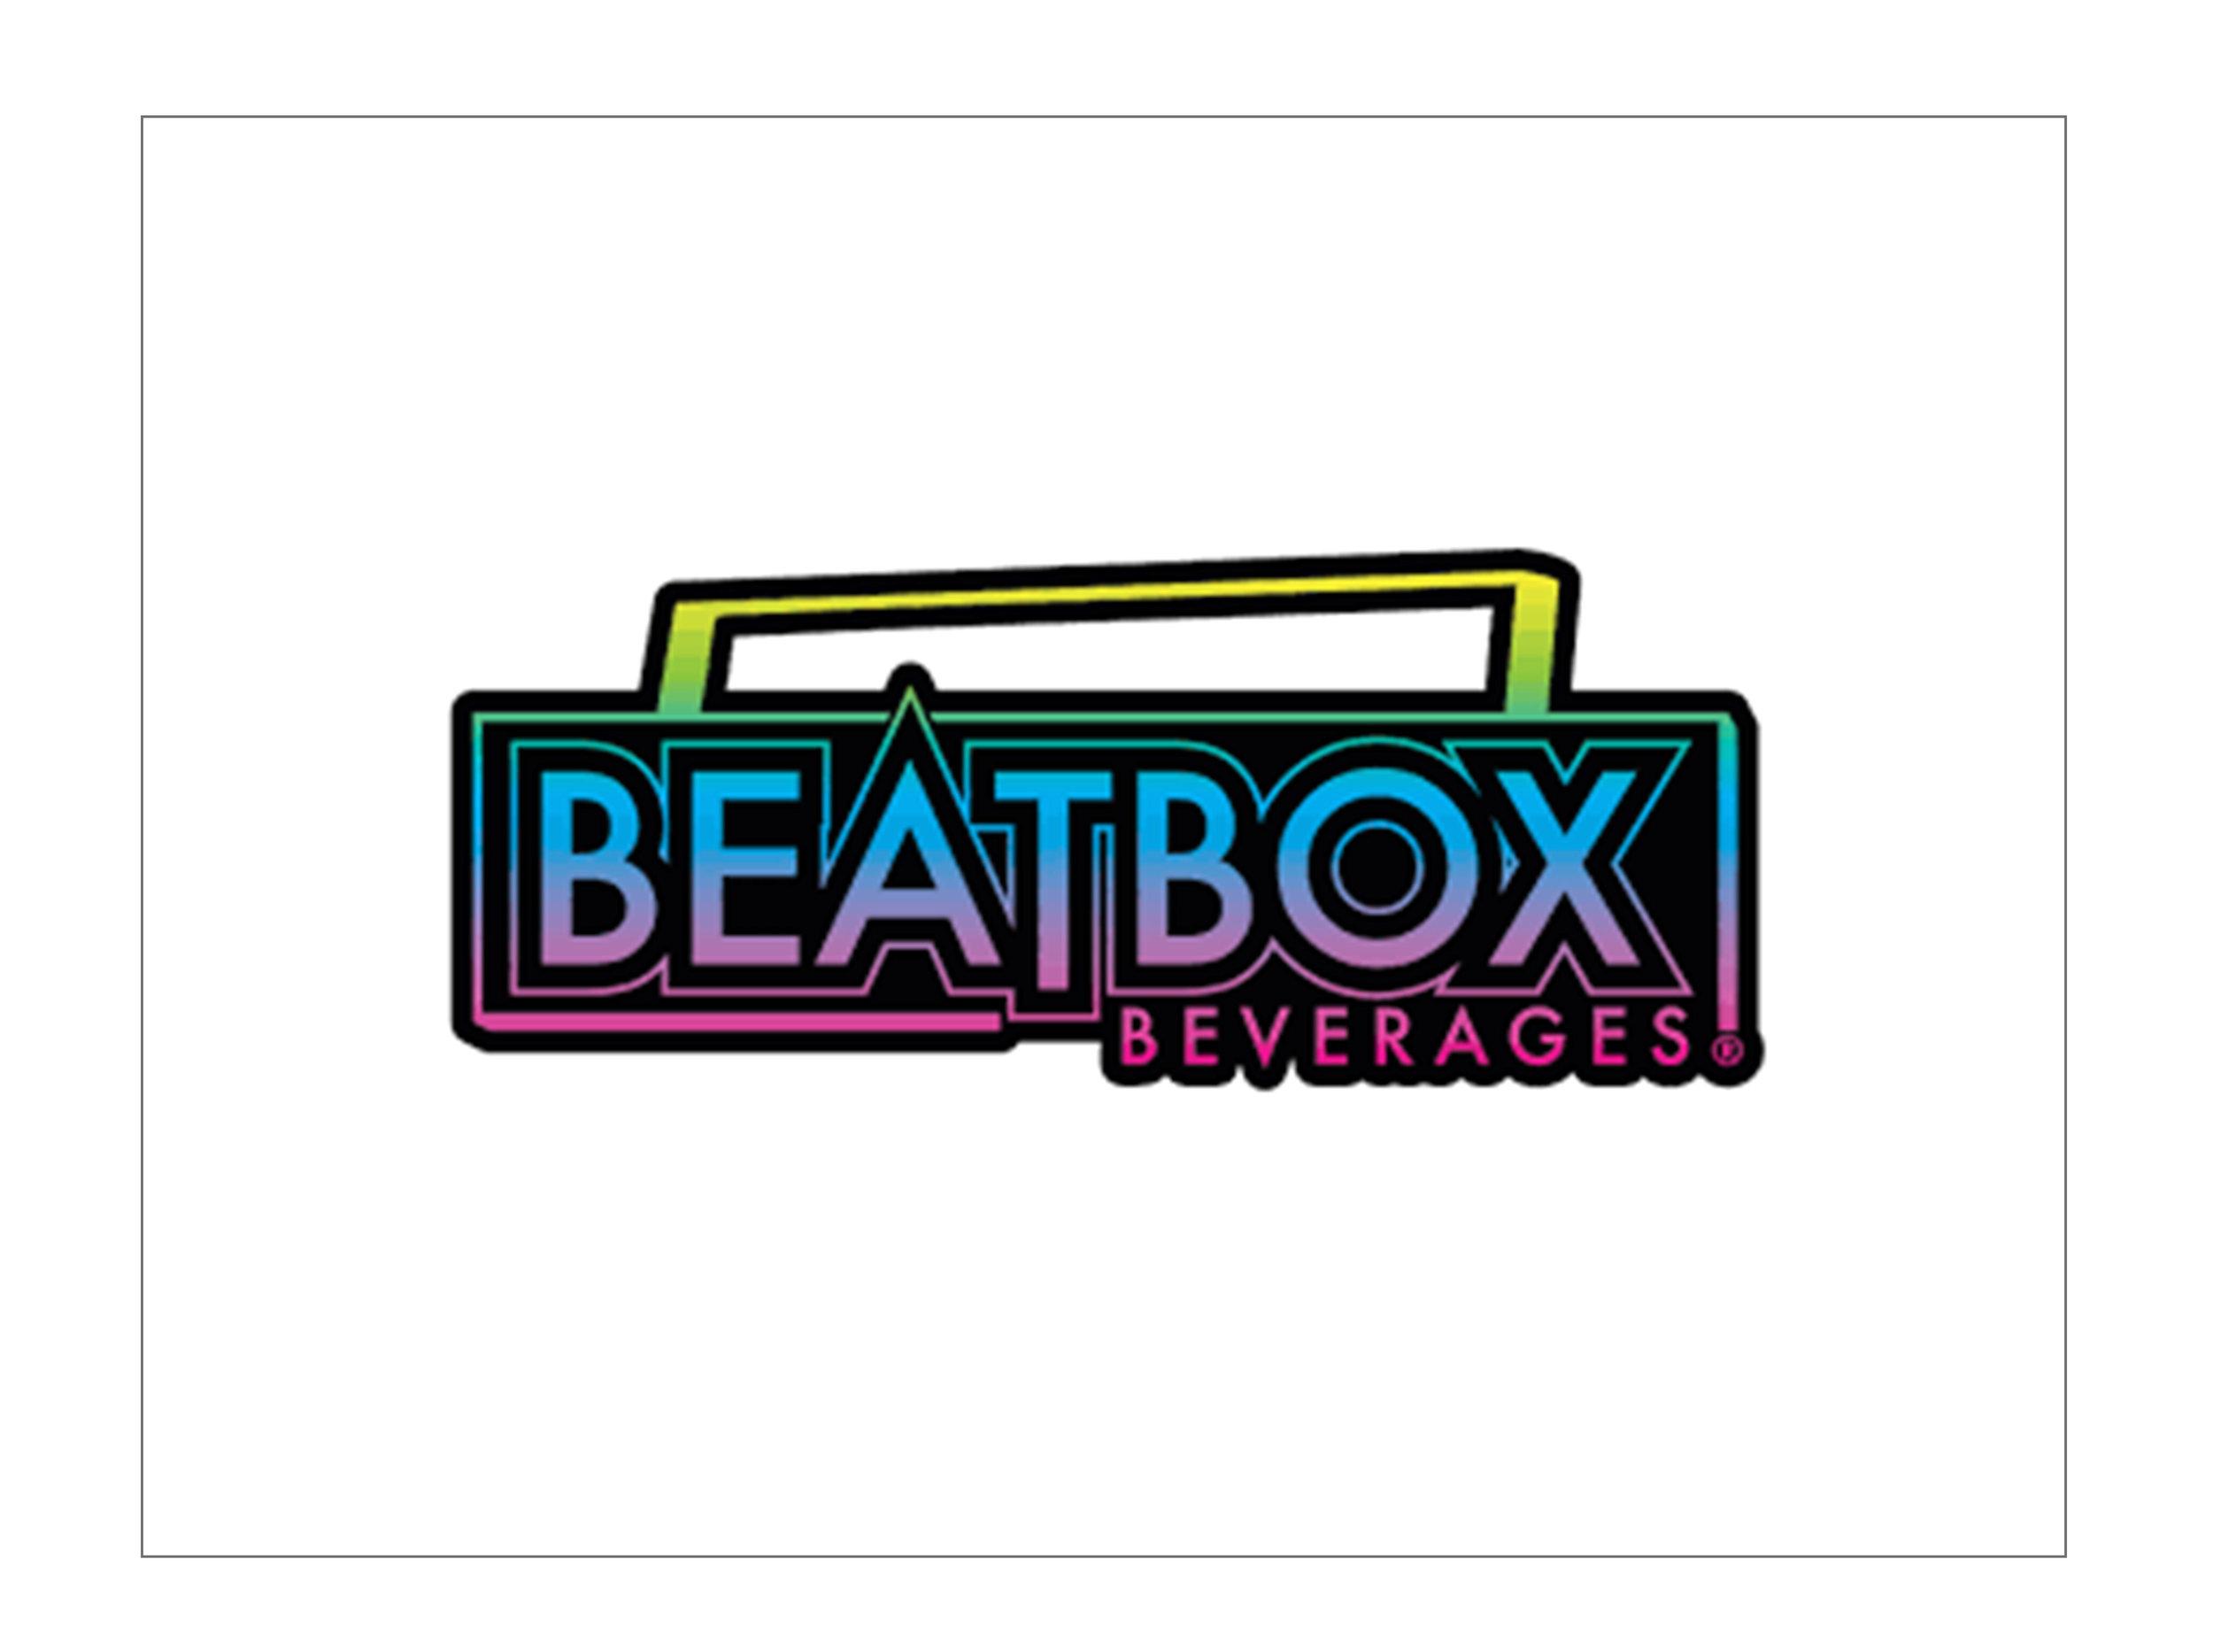 beatbox_beverages.jpg